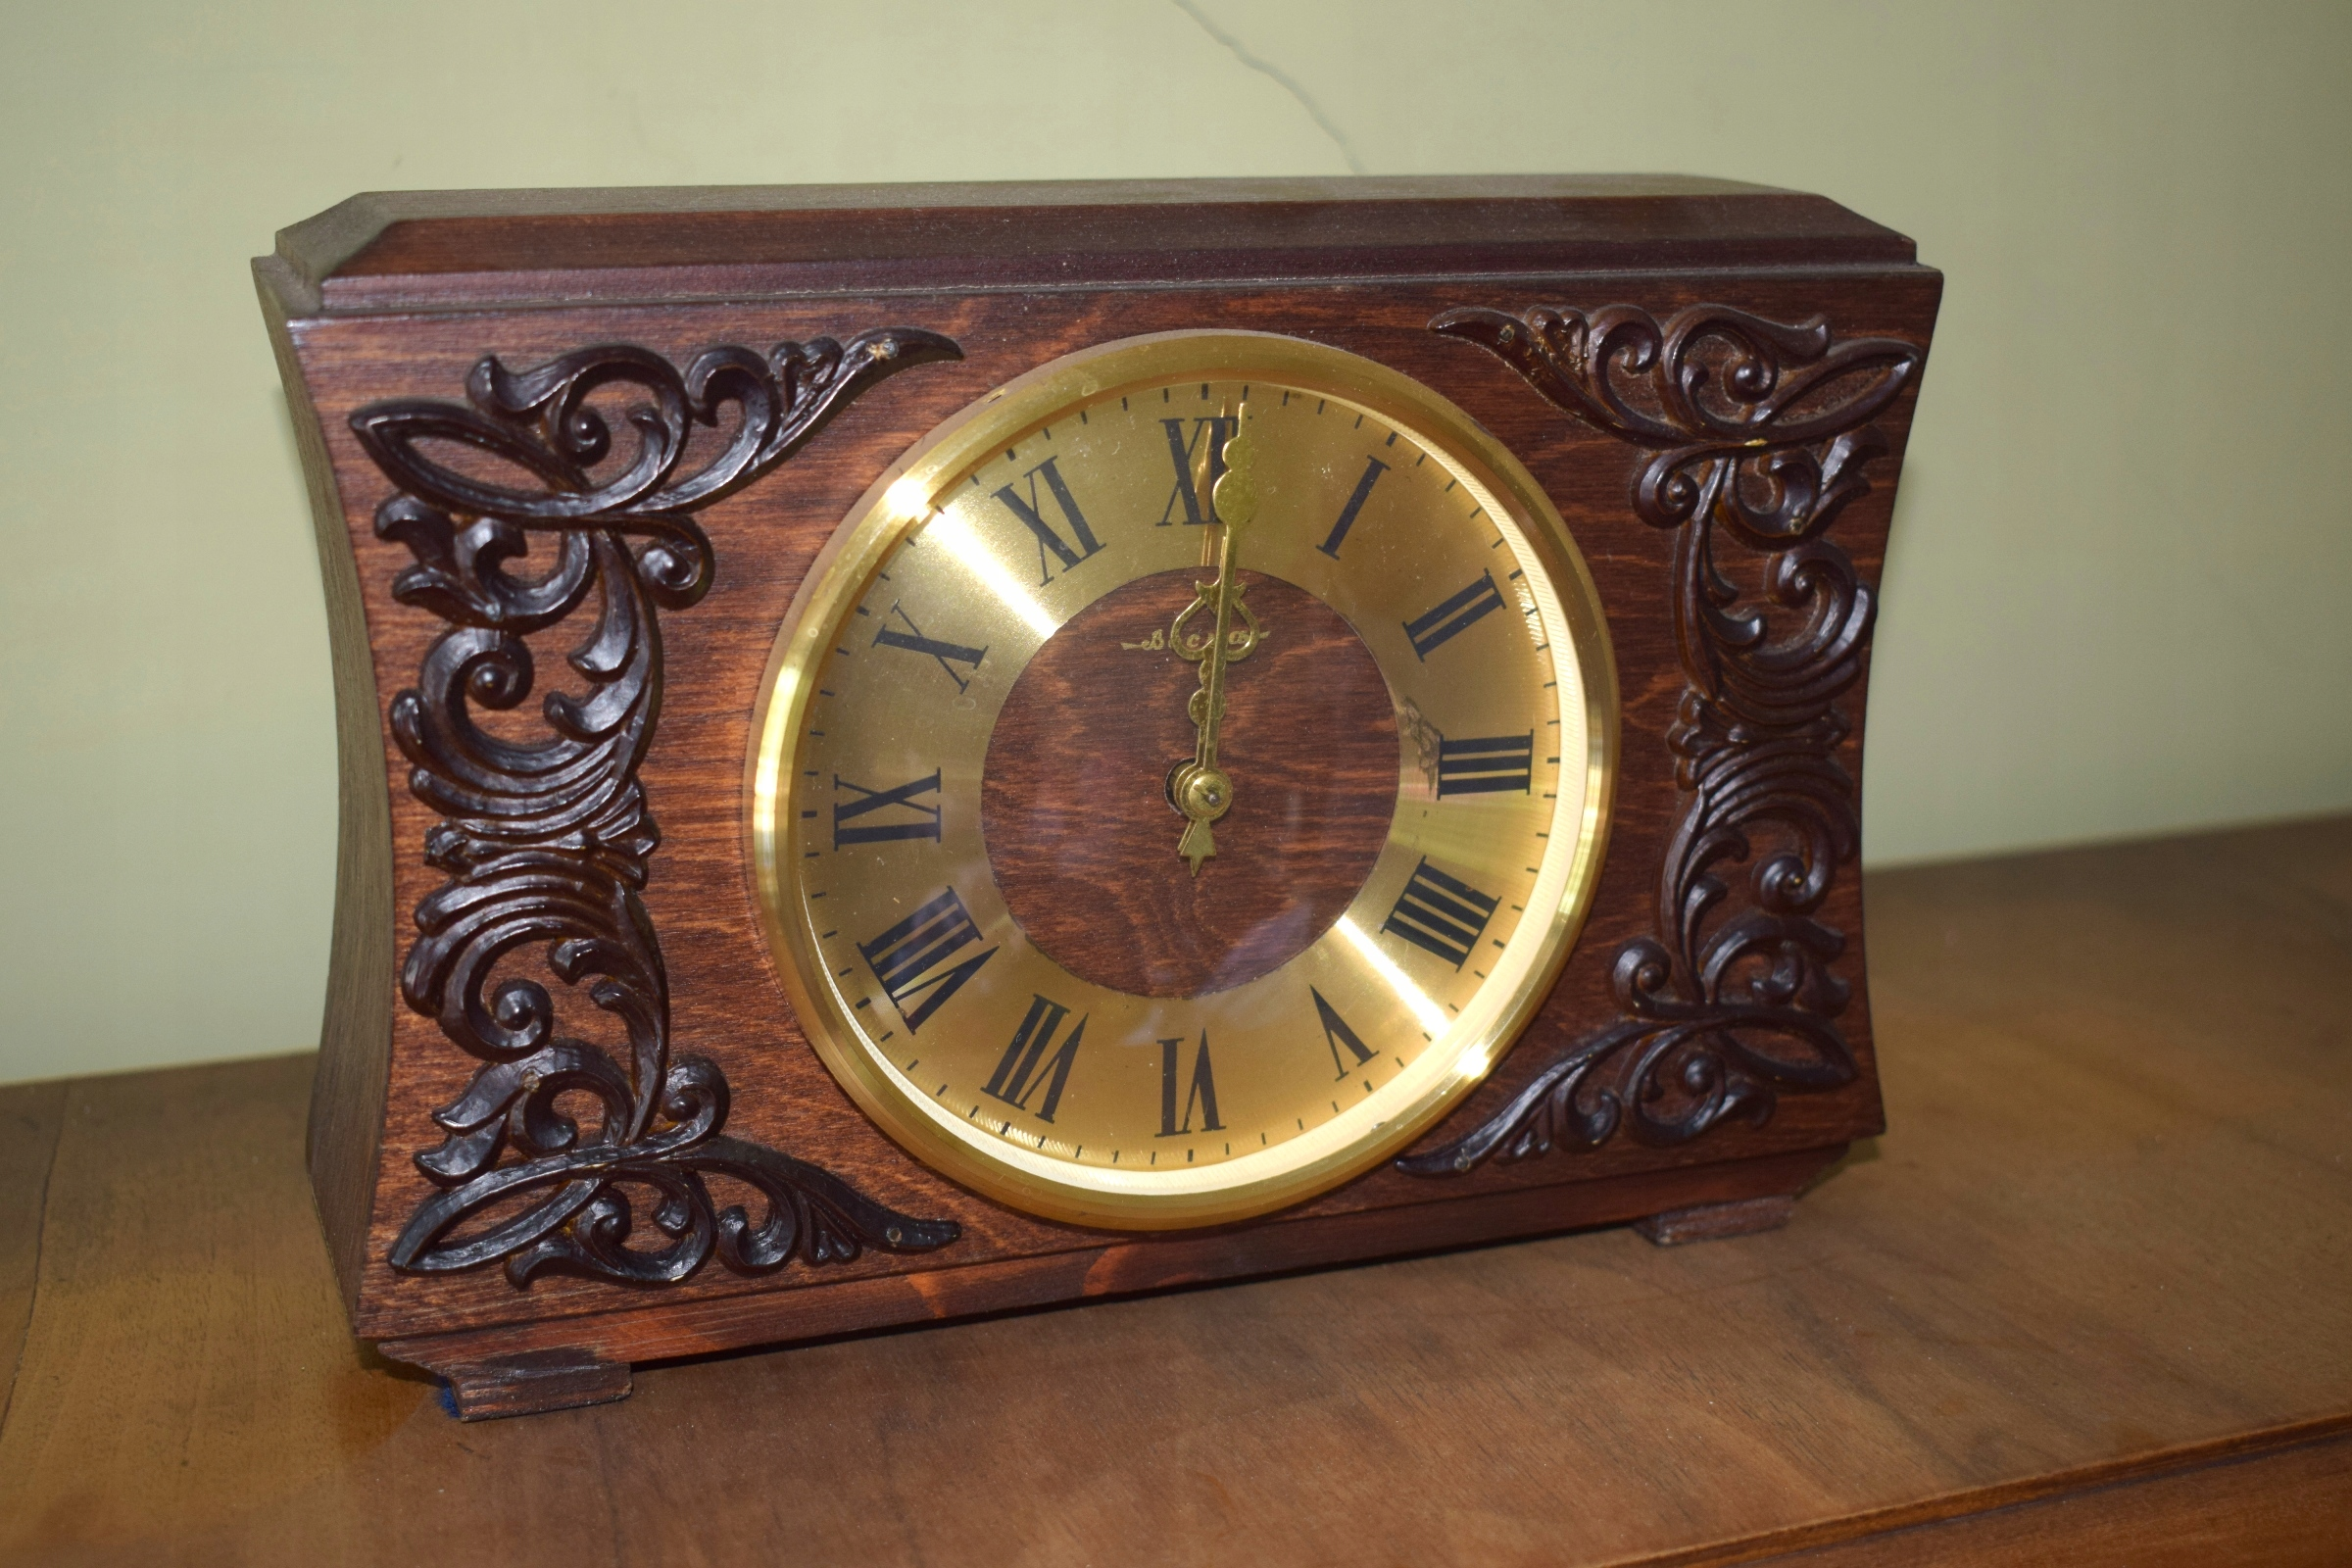 Zegar WIESNA wyprodukowany w CCCP * klasyk PRLu